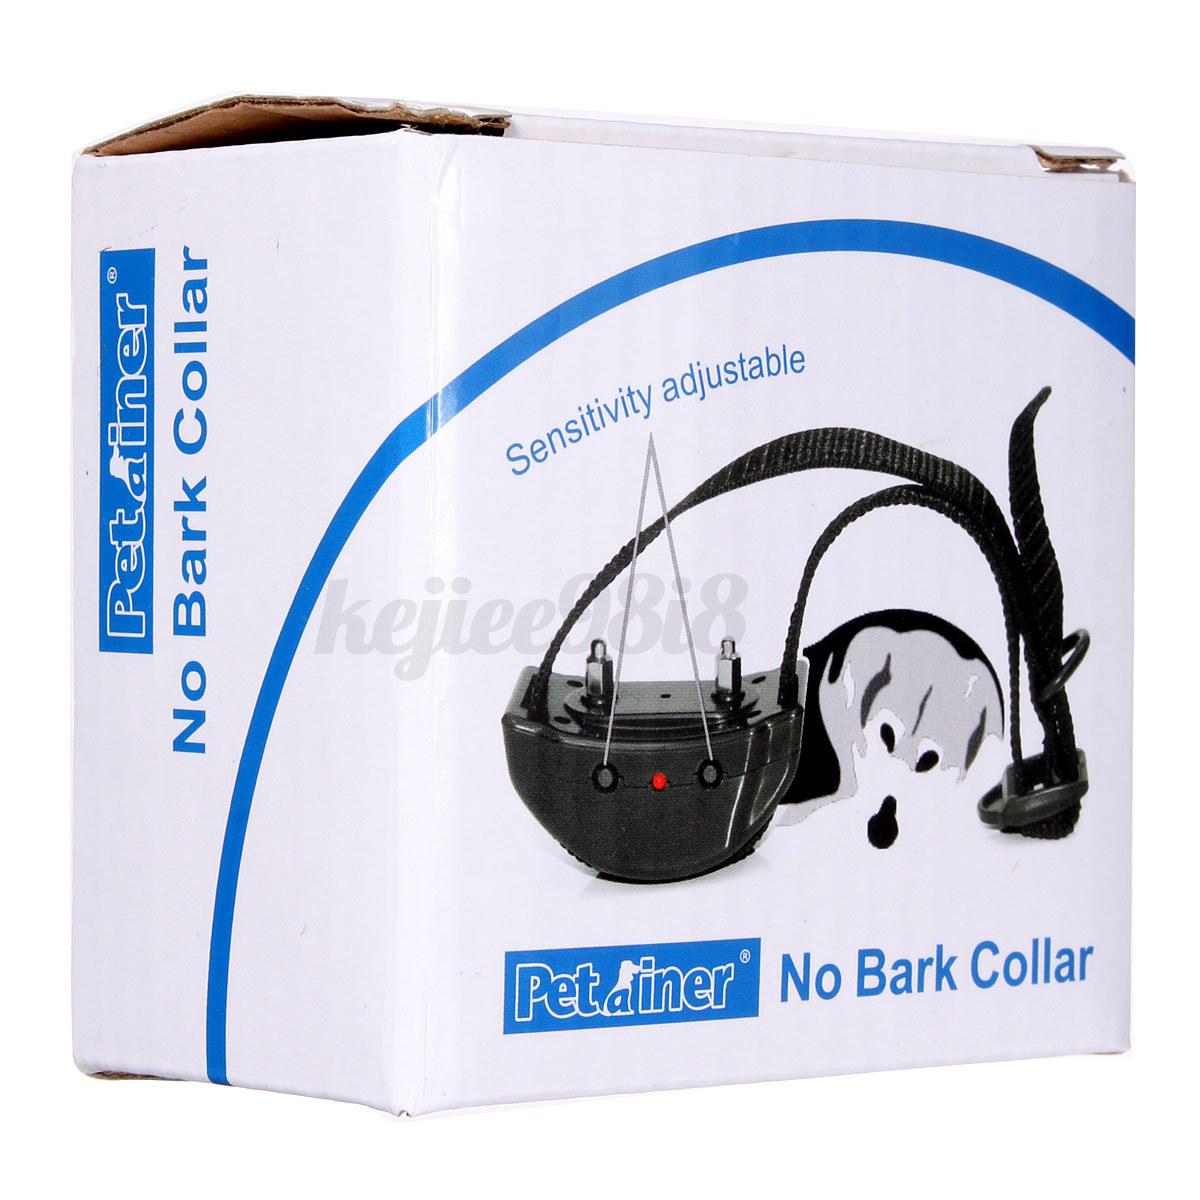 Dog Collar To Stop Barking Uk